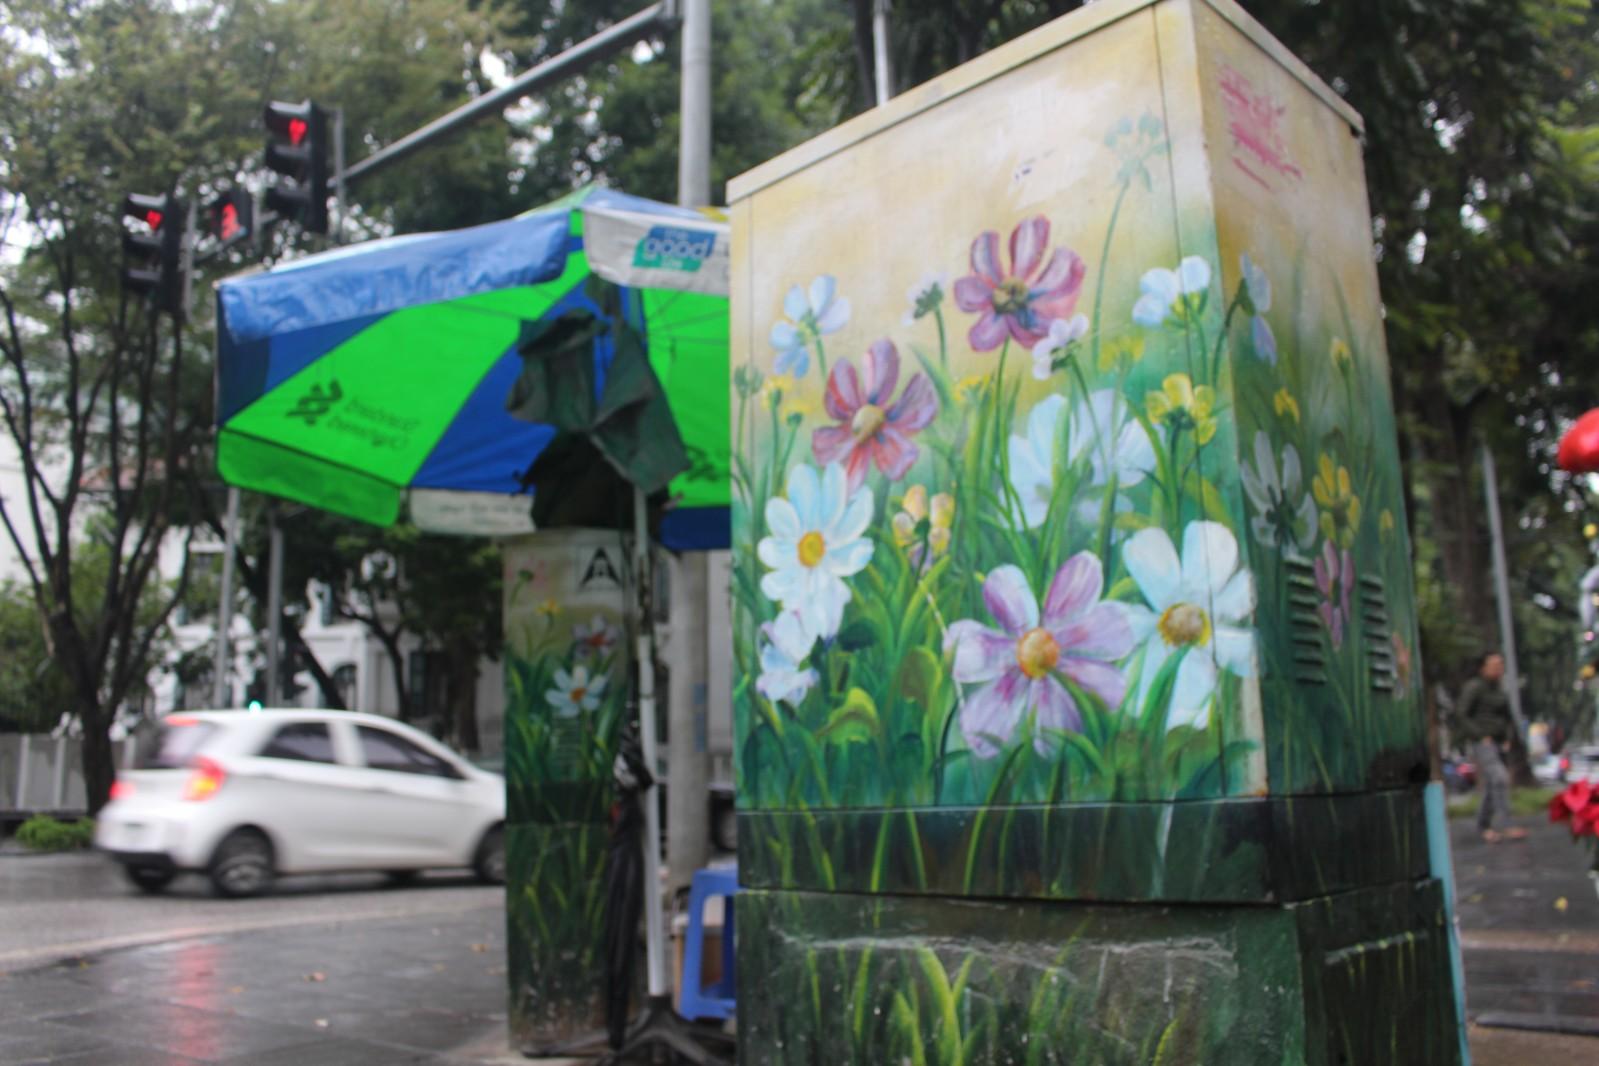 Trước đây, dự án đã được thí điểm tại các phố Lý Thường Kiệt, Phan Chu Trinh vào tháng Giêng năm 2017